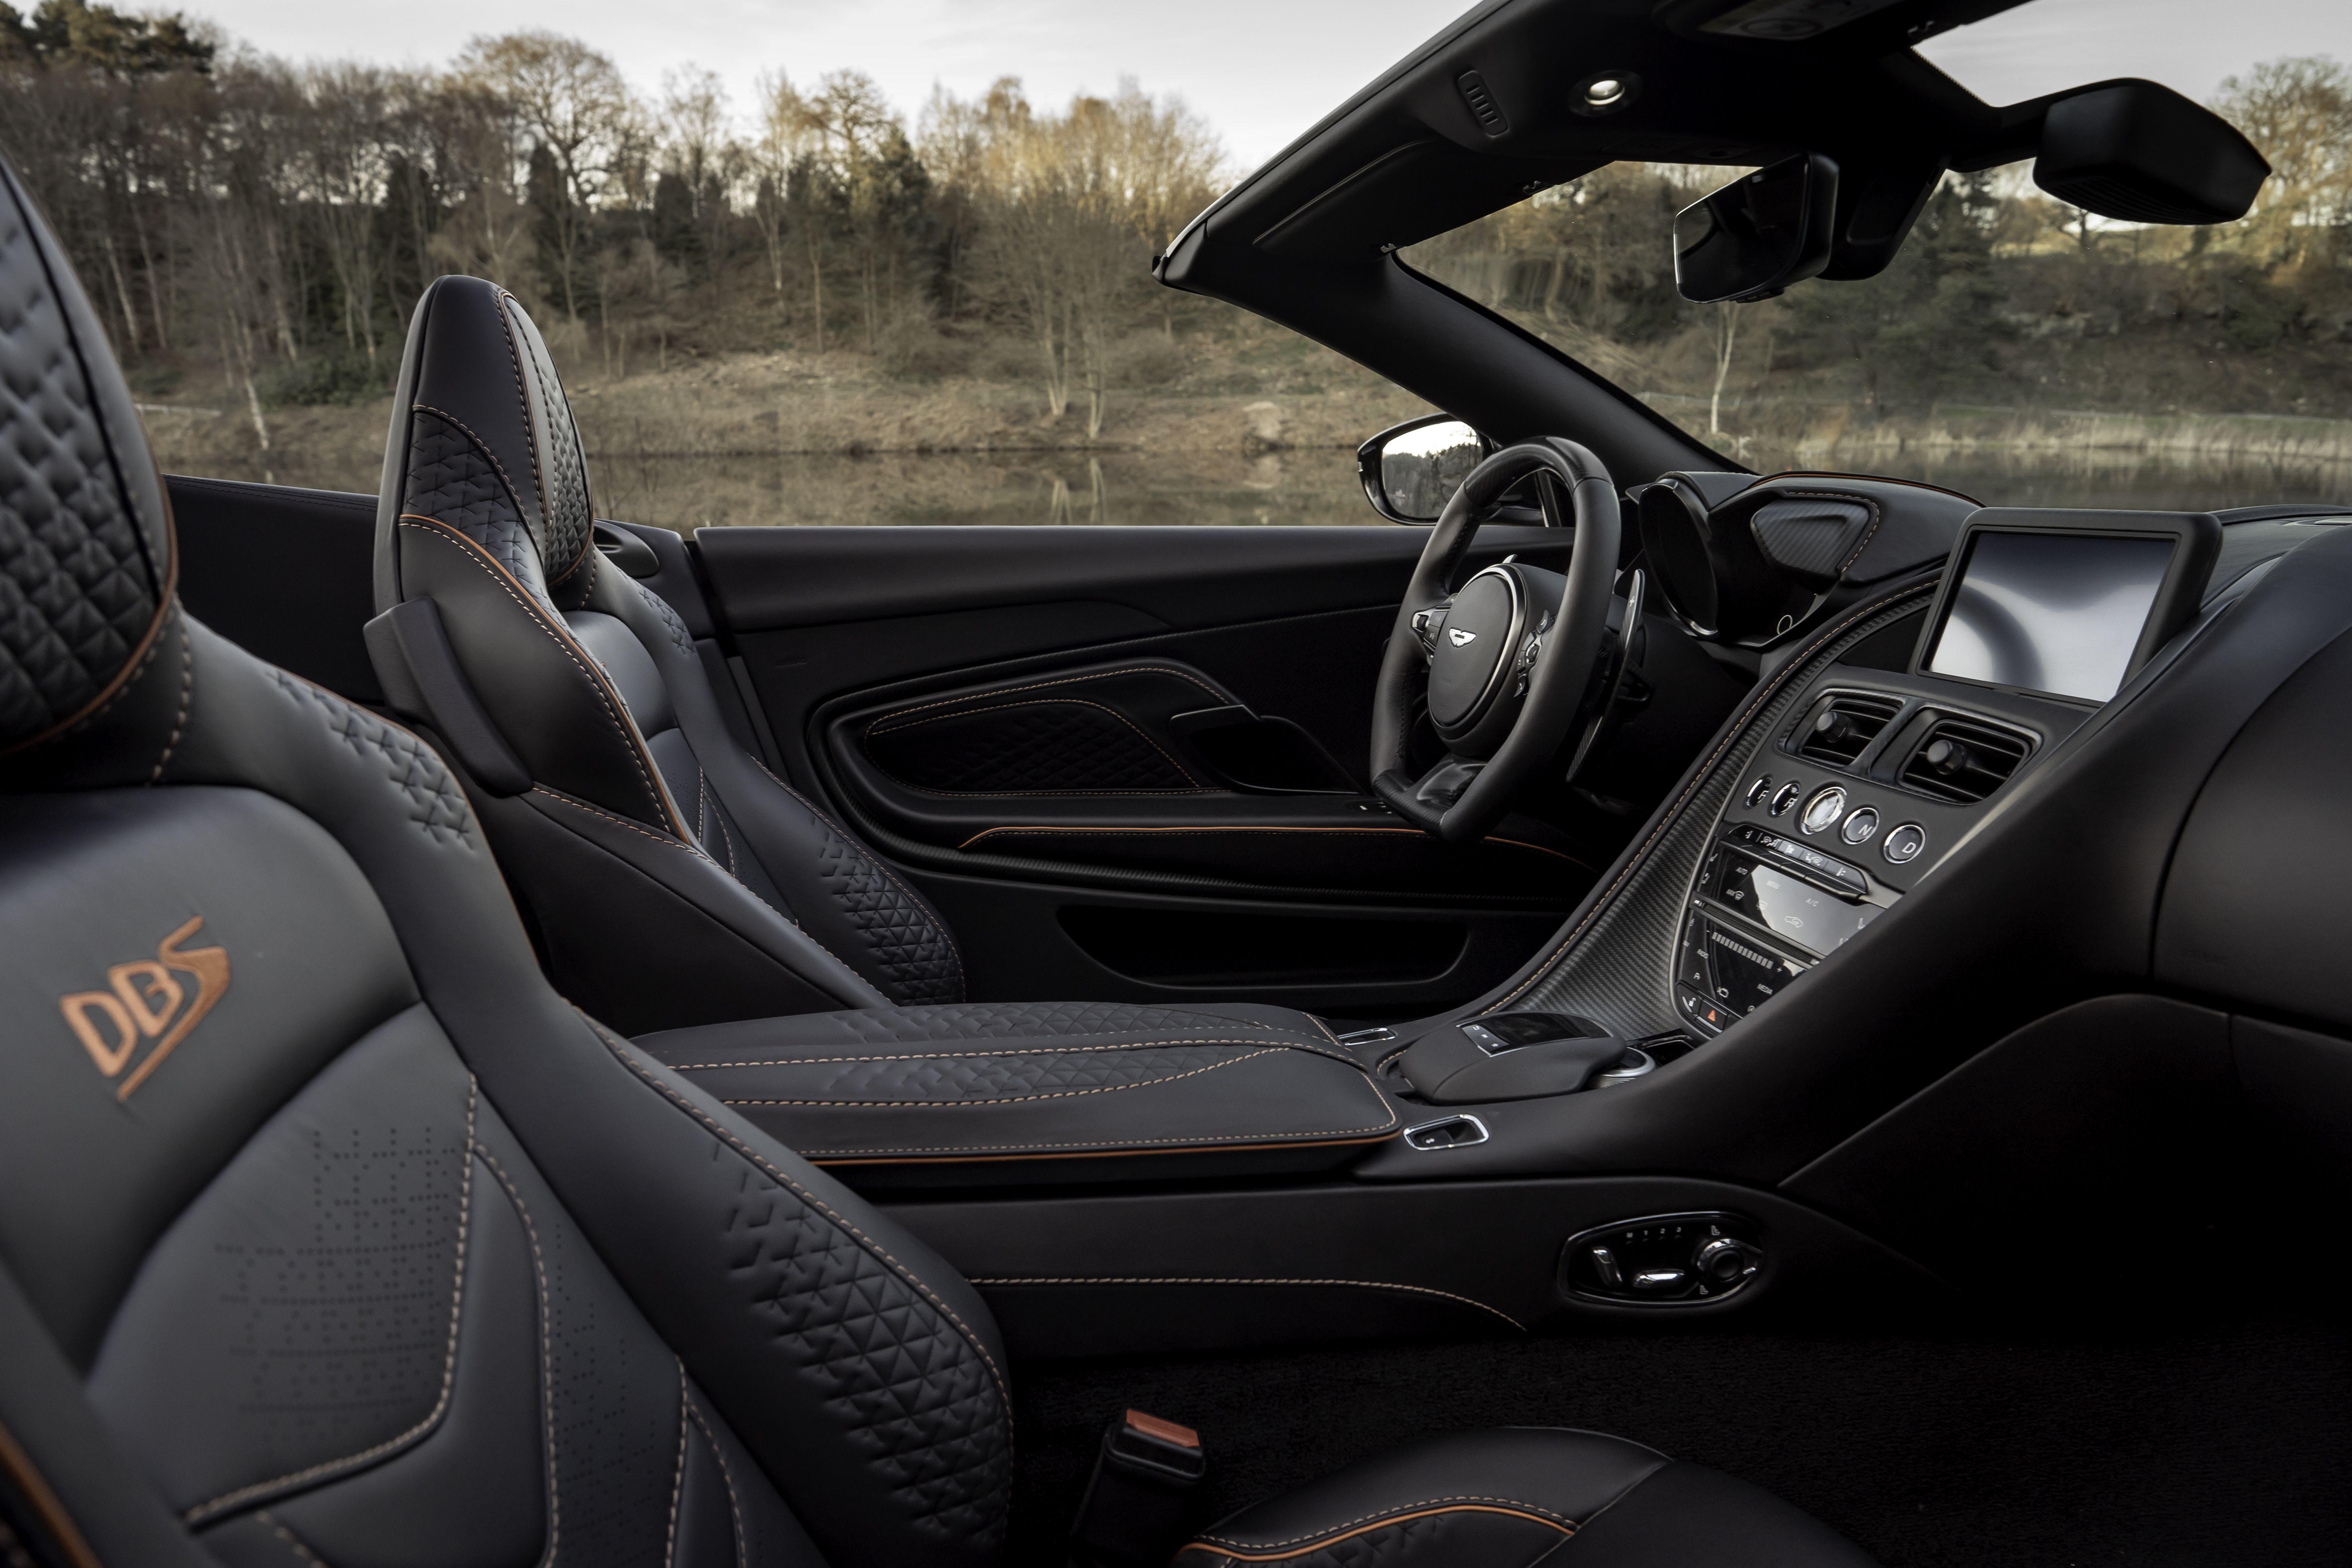 DBS Superleggera Volante, nunca um Aston Martin descapotável foi tão rápido